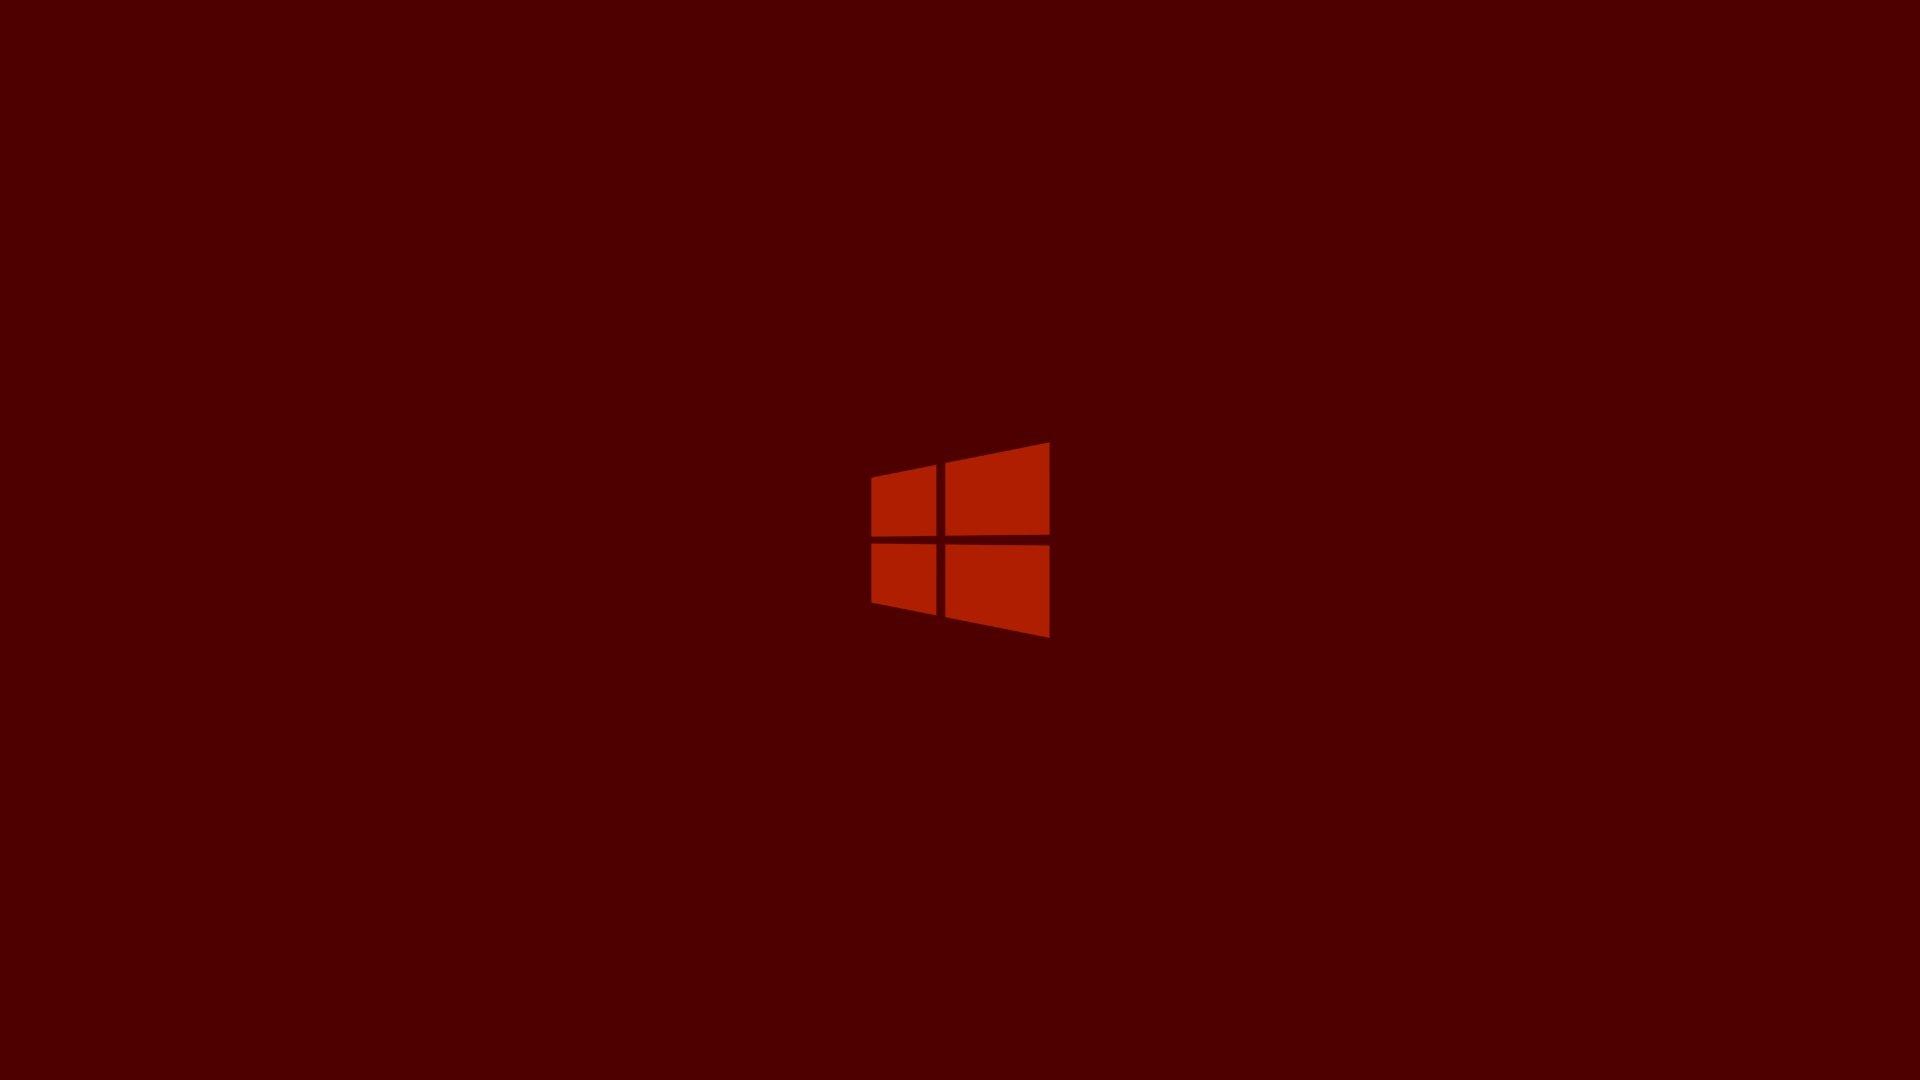 Windows 10 wallpaper em vermelho